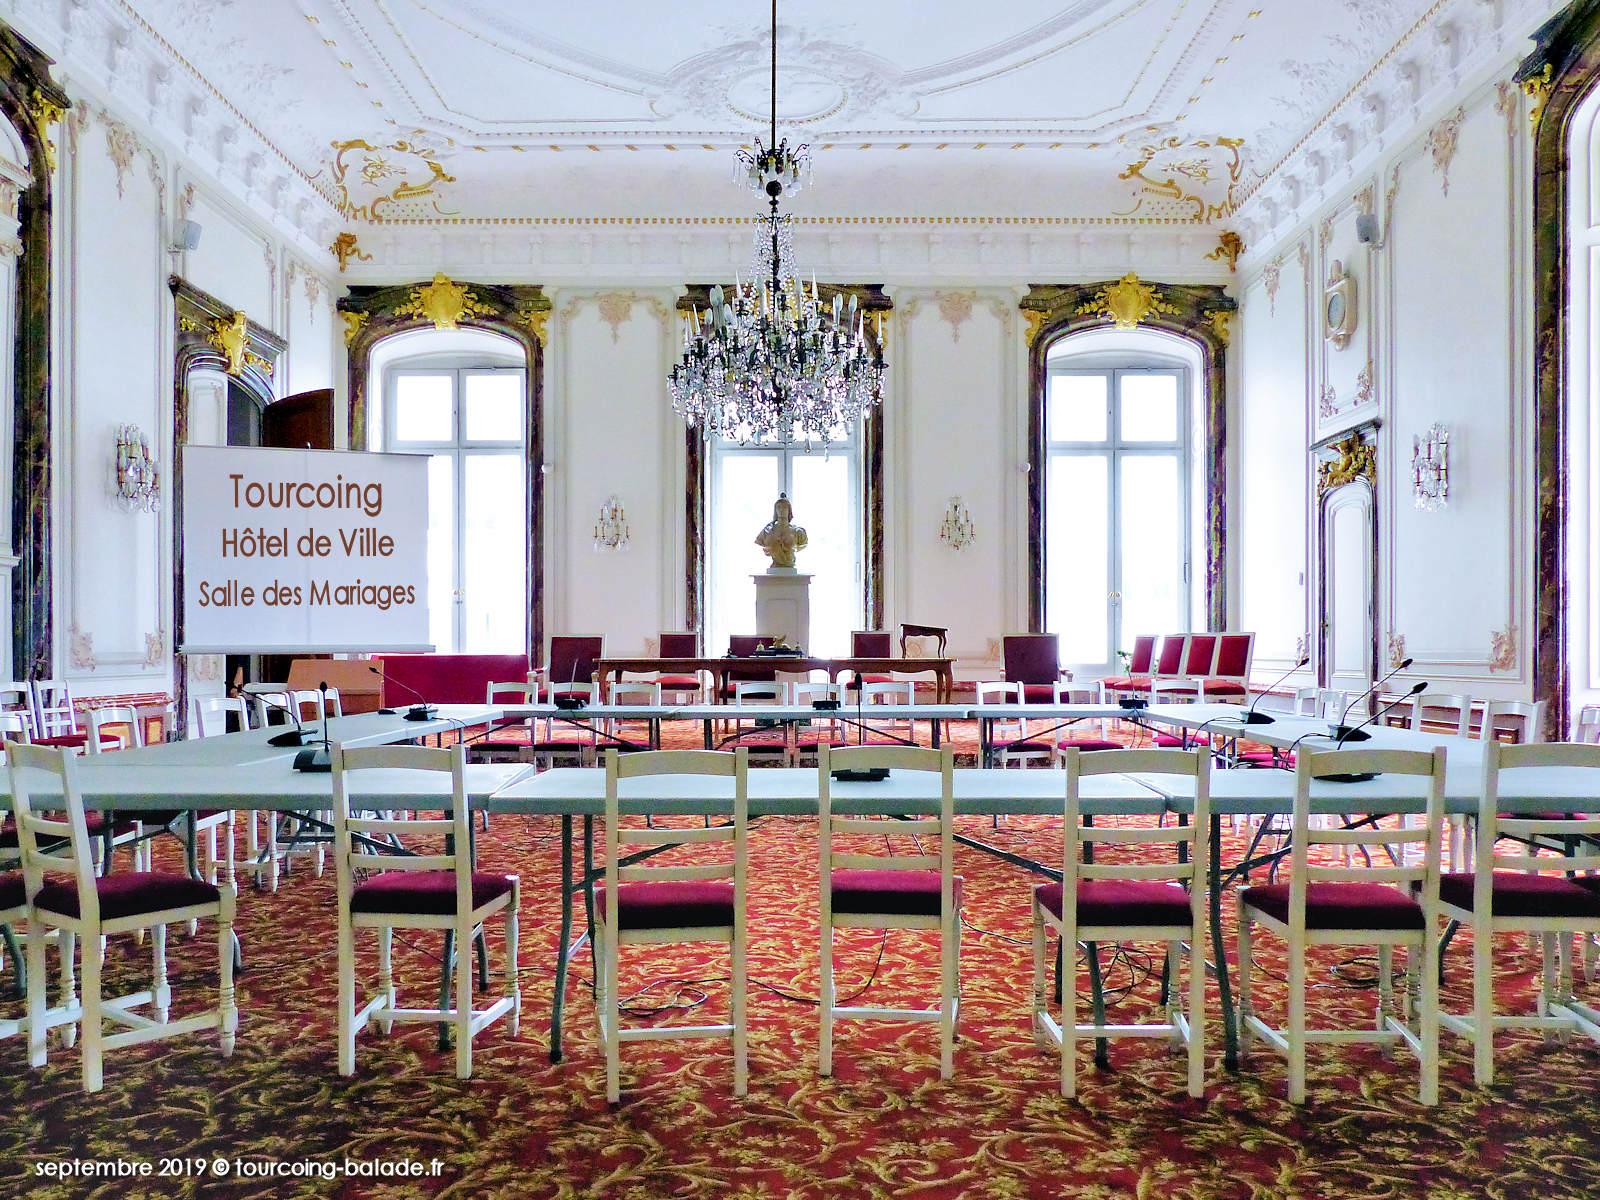 Hôtel de Ville Tourcoing - Salle des mariages - 2019